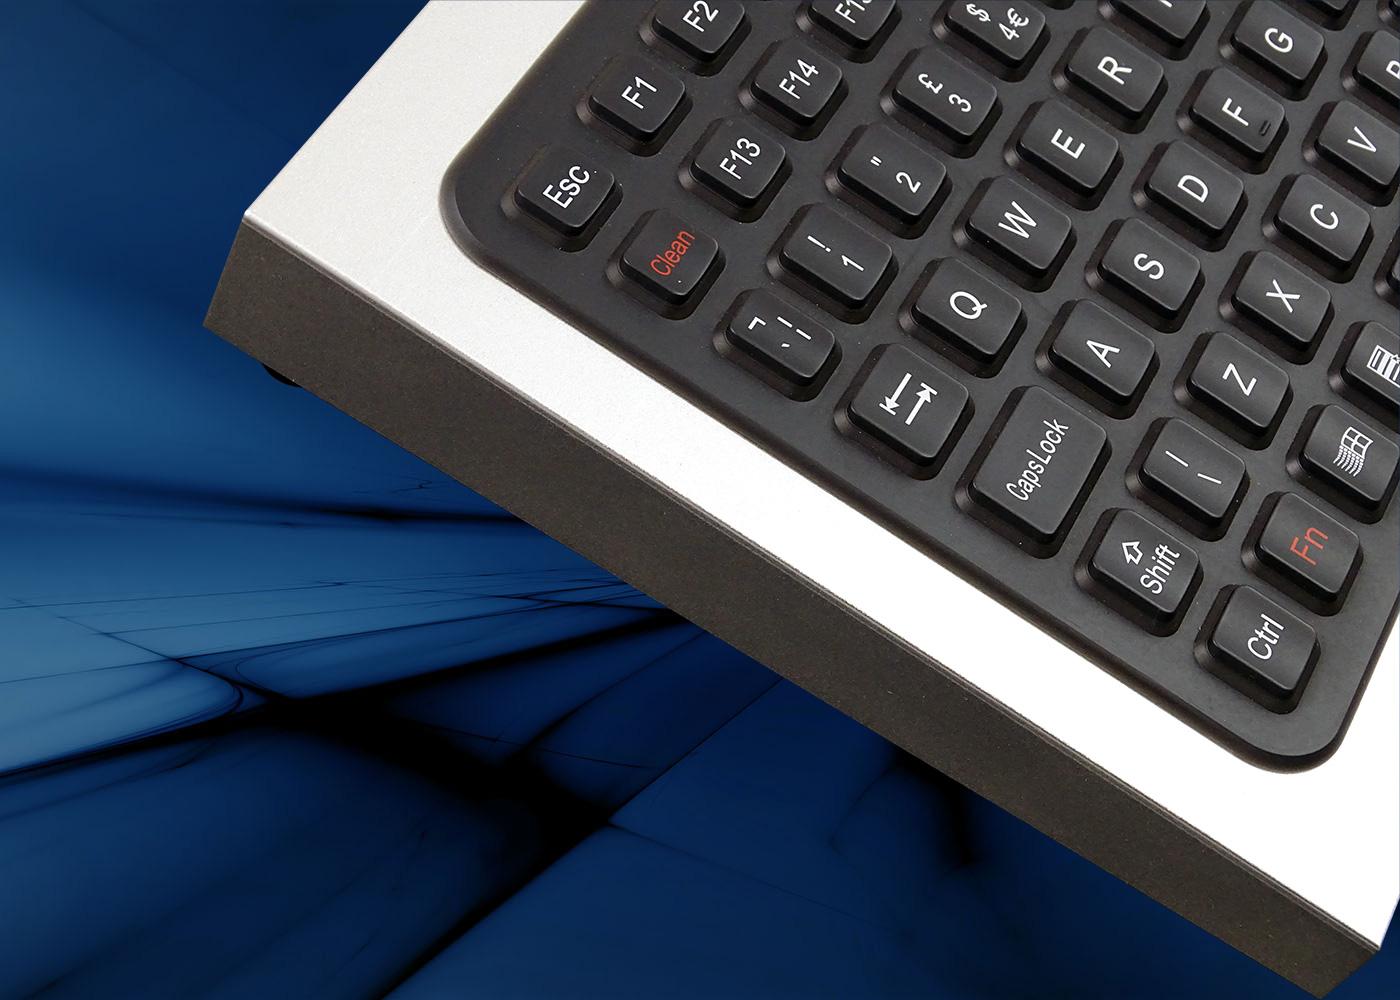 Clavier industriel M376KP-FN-DT – Clean touche de verrouillage clavier